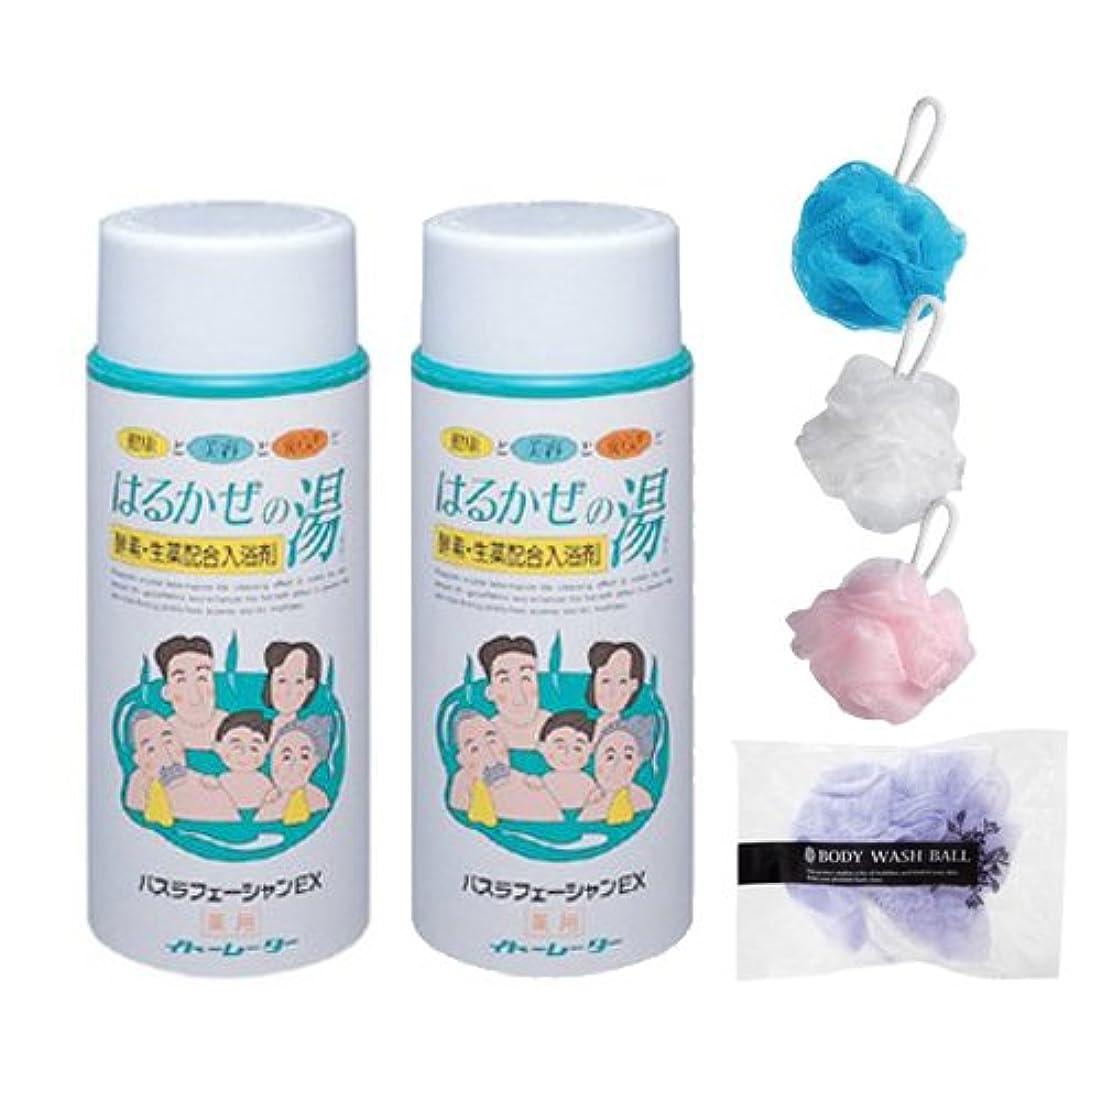 約特異なママ【酵素?生薬配合入浴剤】 はるかぜの湯 (2本) + ボディウォッシュボール 1個(カラーは当店おまかせ)